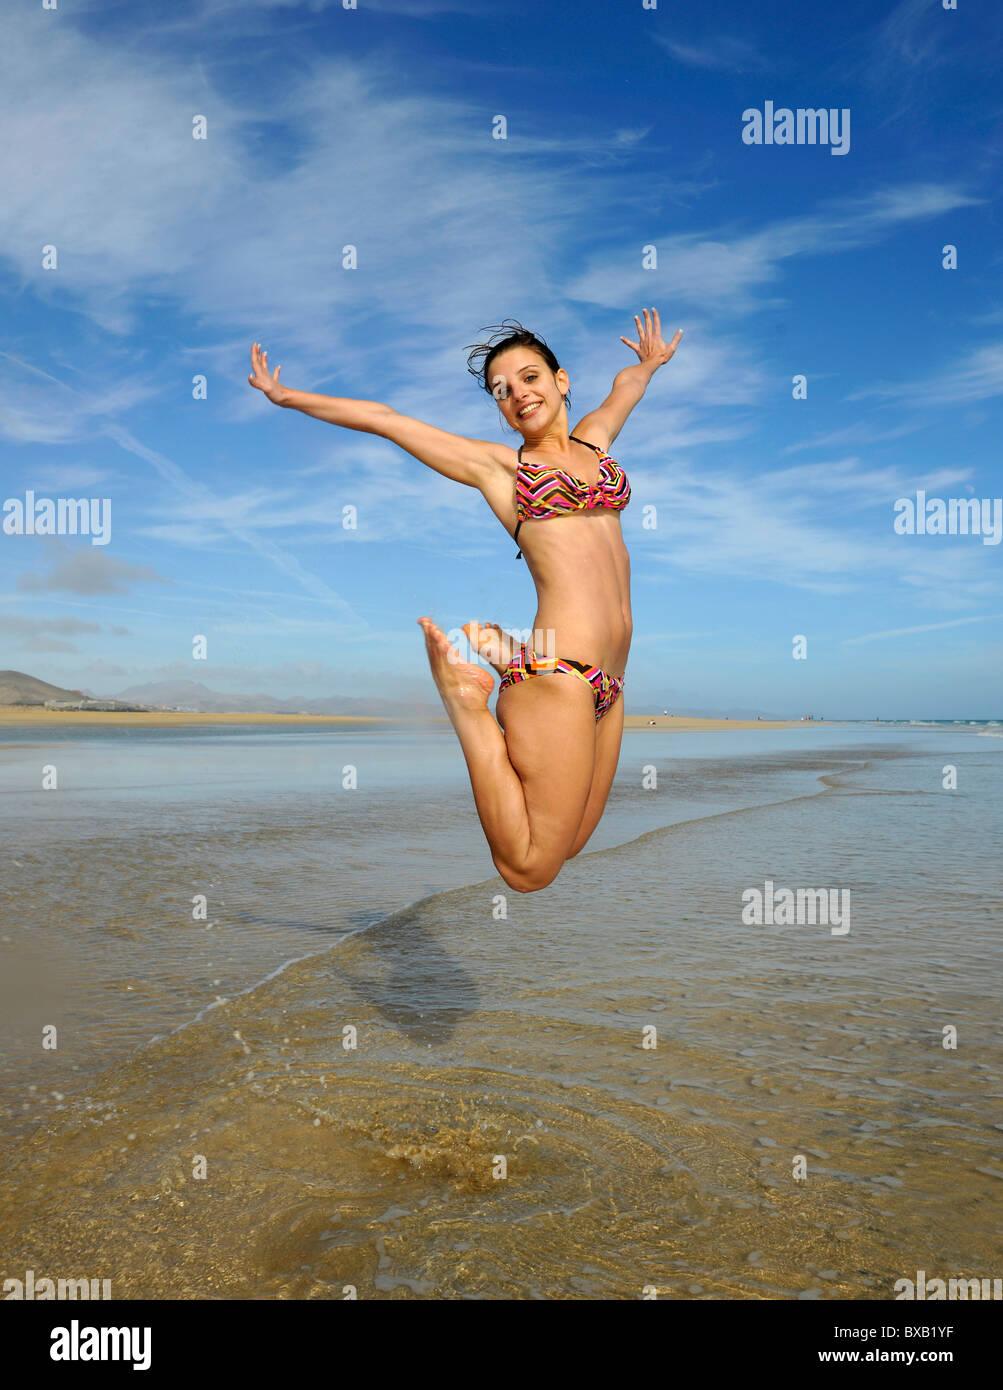 Salto en el aire, joven en el mar, imagen simbólica para la vitalidad, la lujuria para la vida, la Playa de Imagen De Stock